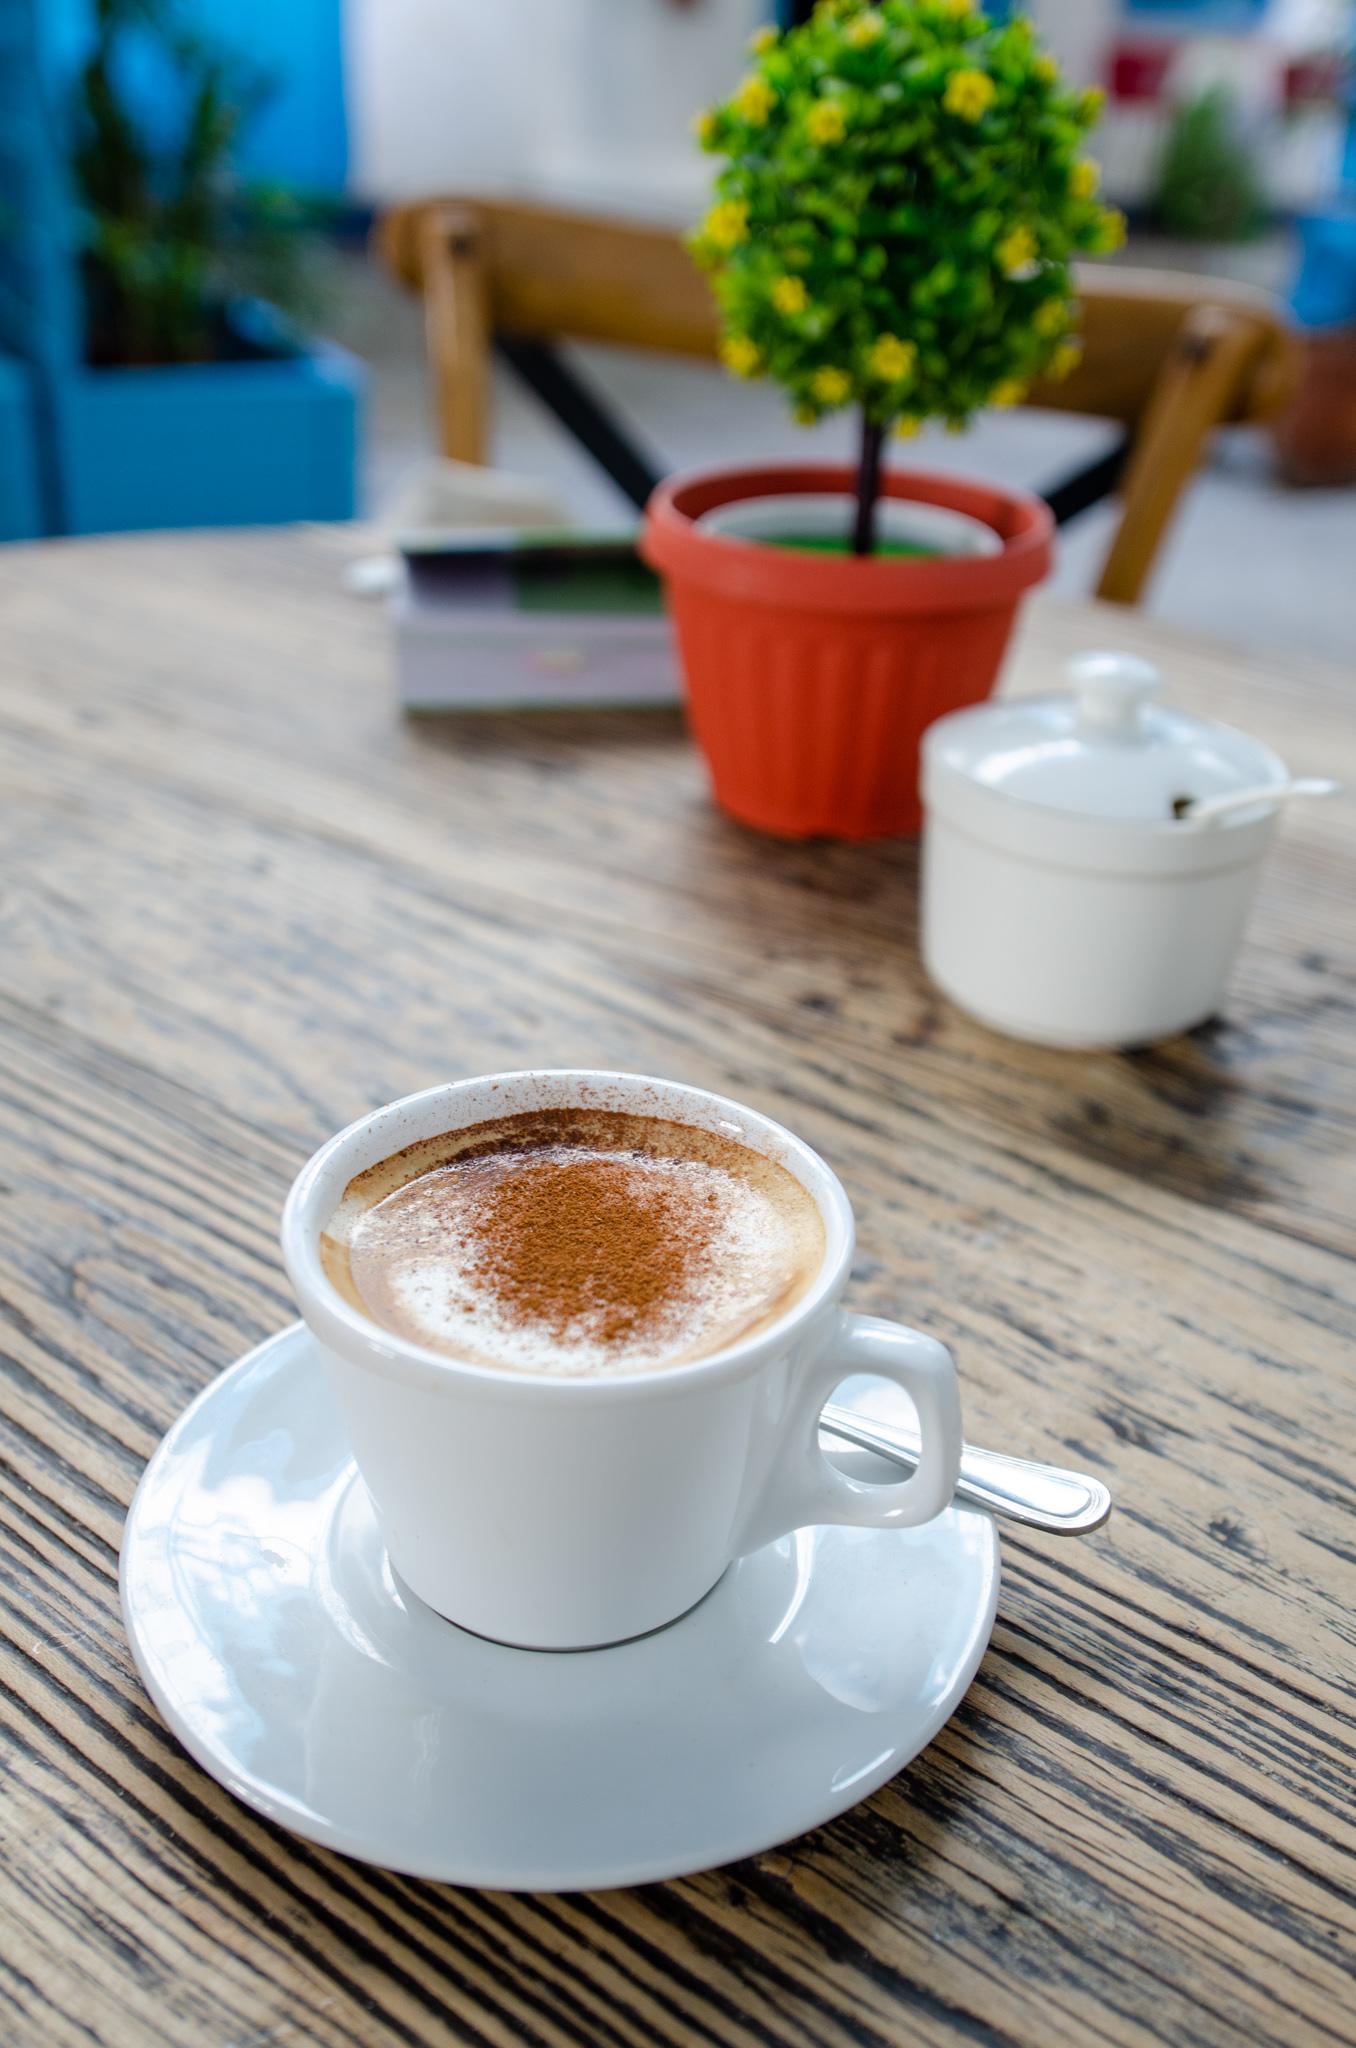 Zu kubanischer Küche gehört auch Kaffee